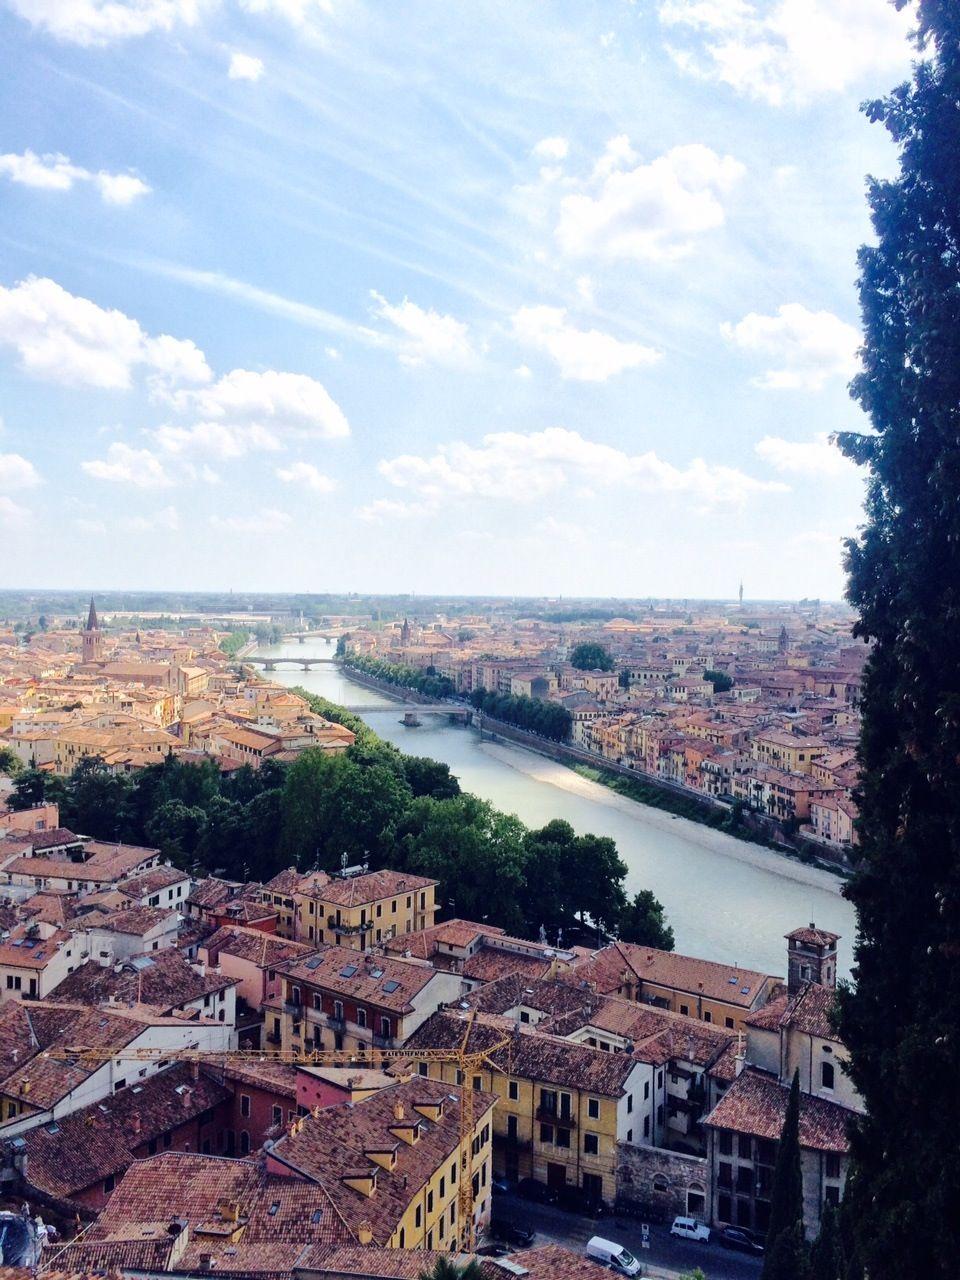 イタリアの愛の都 ロミオとジュリエットの街ヴェローナで幸せを掴んでみませんか!